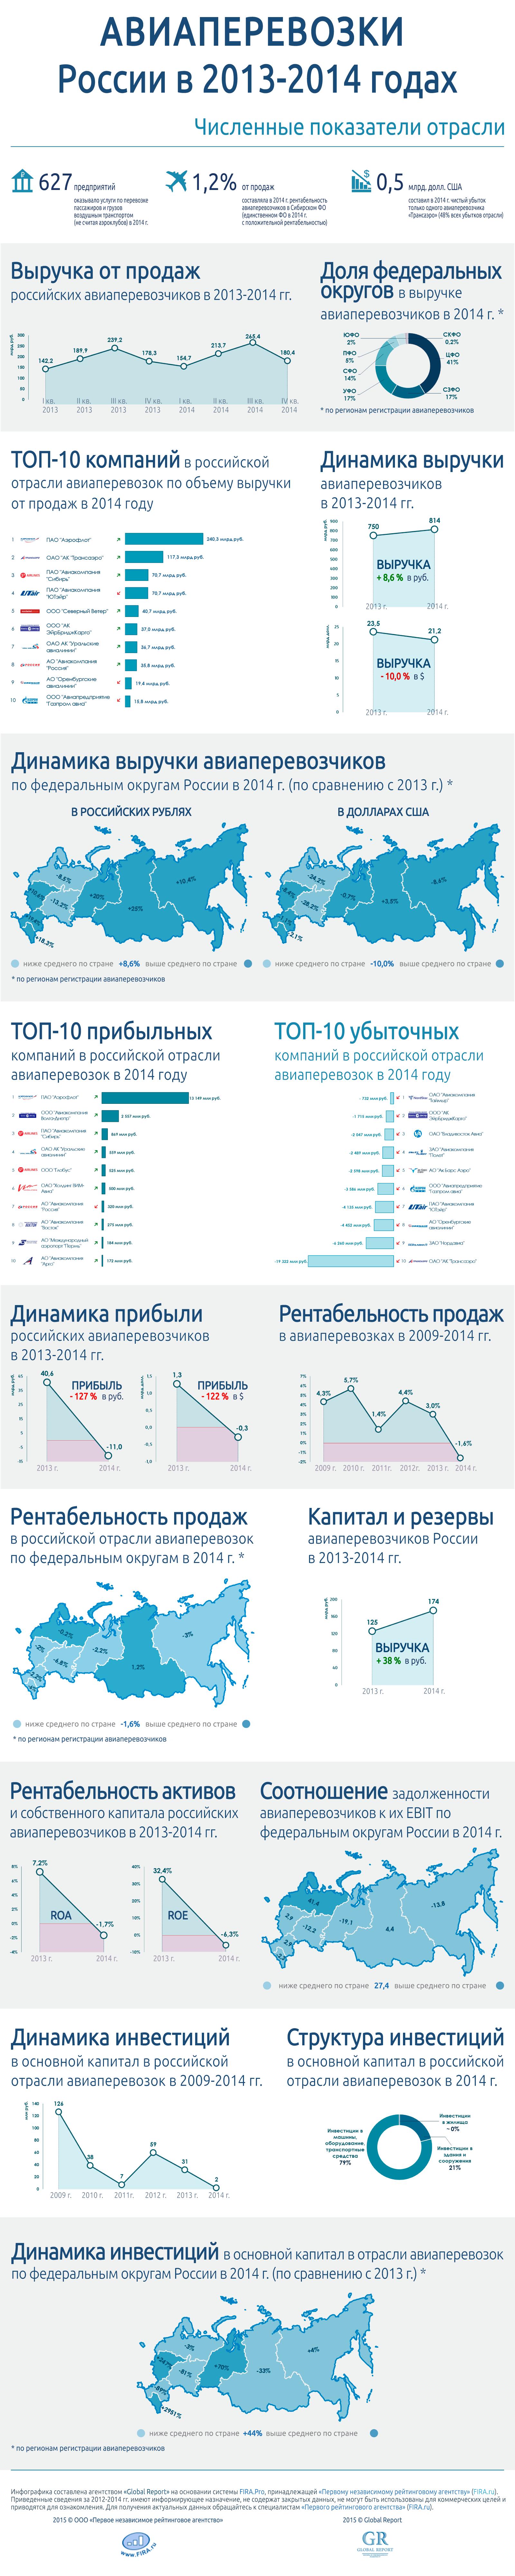 Отрасль авиаперевозок в России в 2013-2014